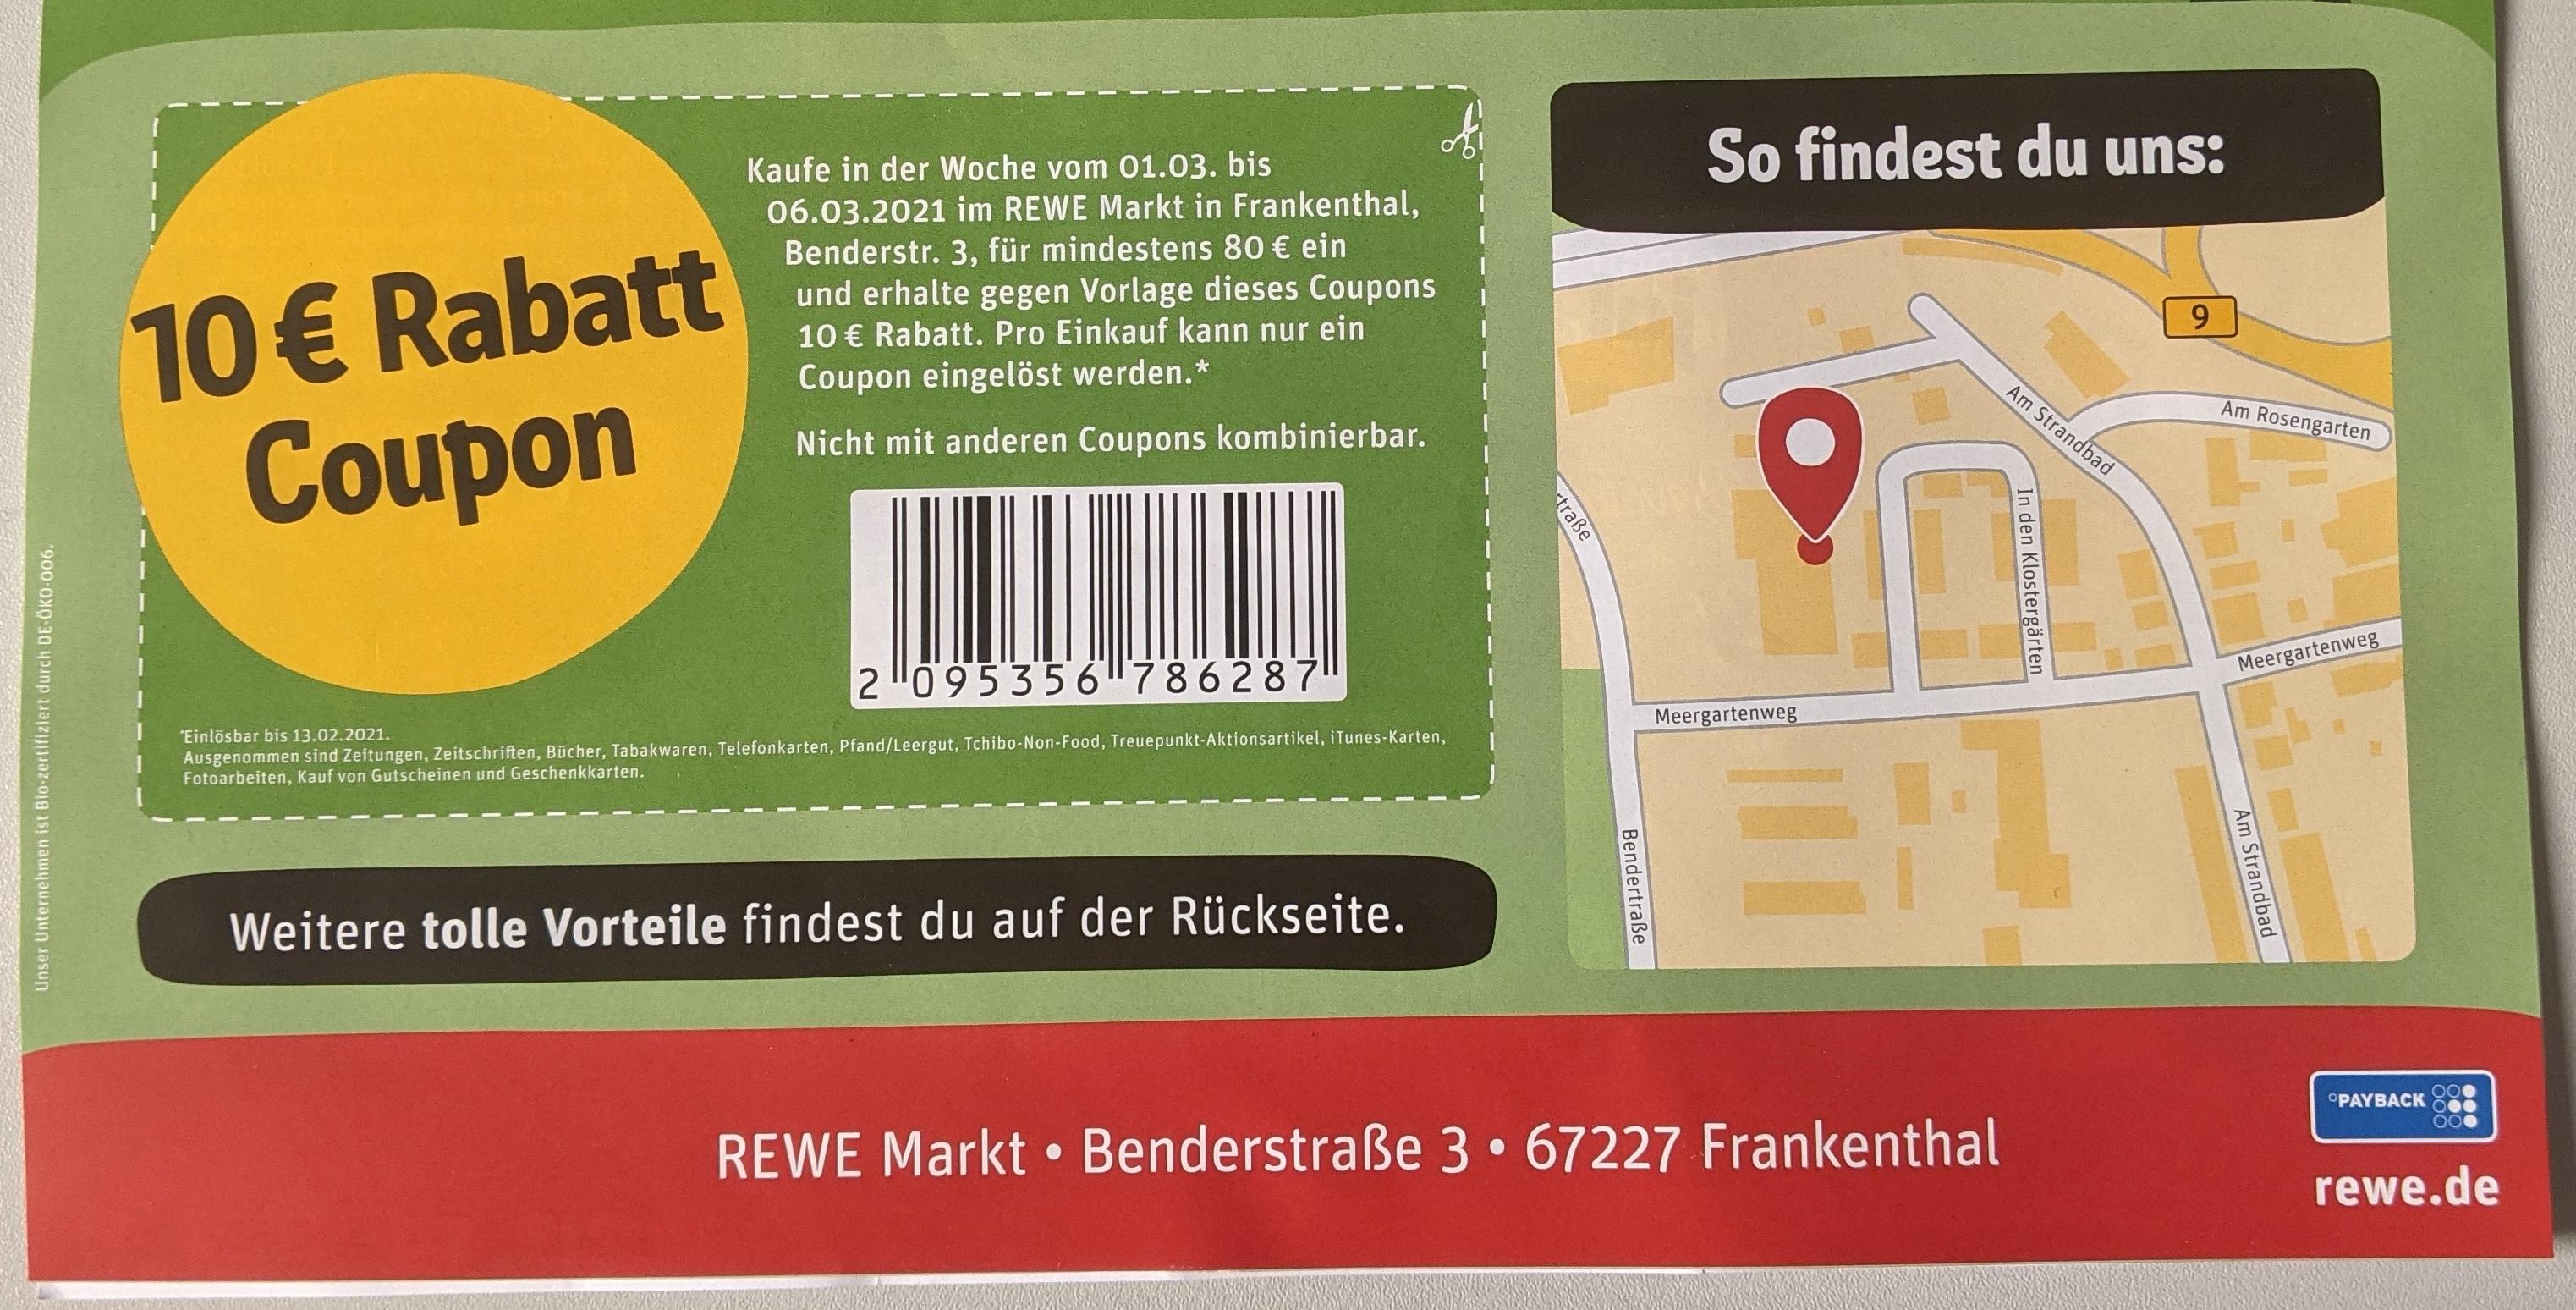 [LOKAL][REWE] 10 EUR Gutschein ab Einkaufswert 80 EUR in 67227 Frankenthal & 76726 Germersheim 01.03.-06.03.2021